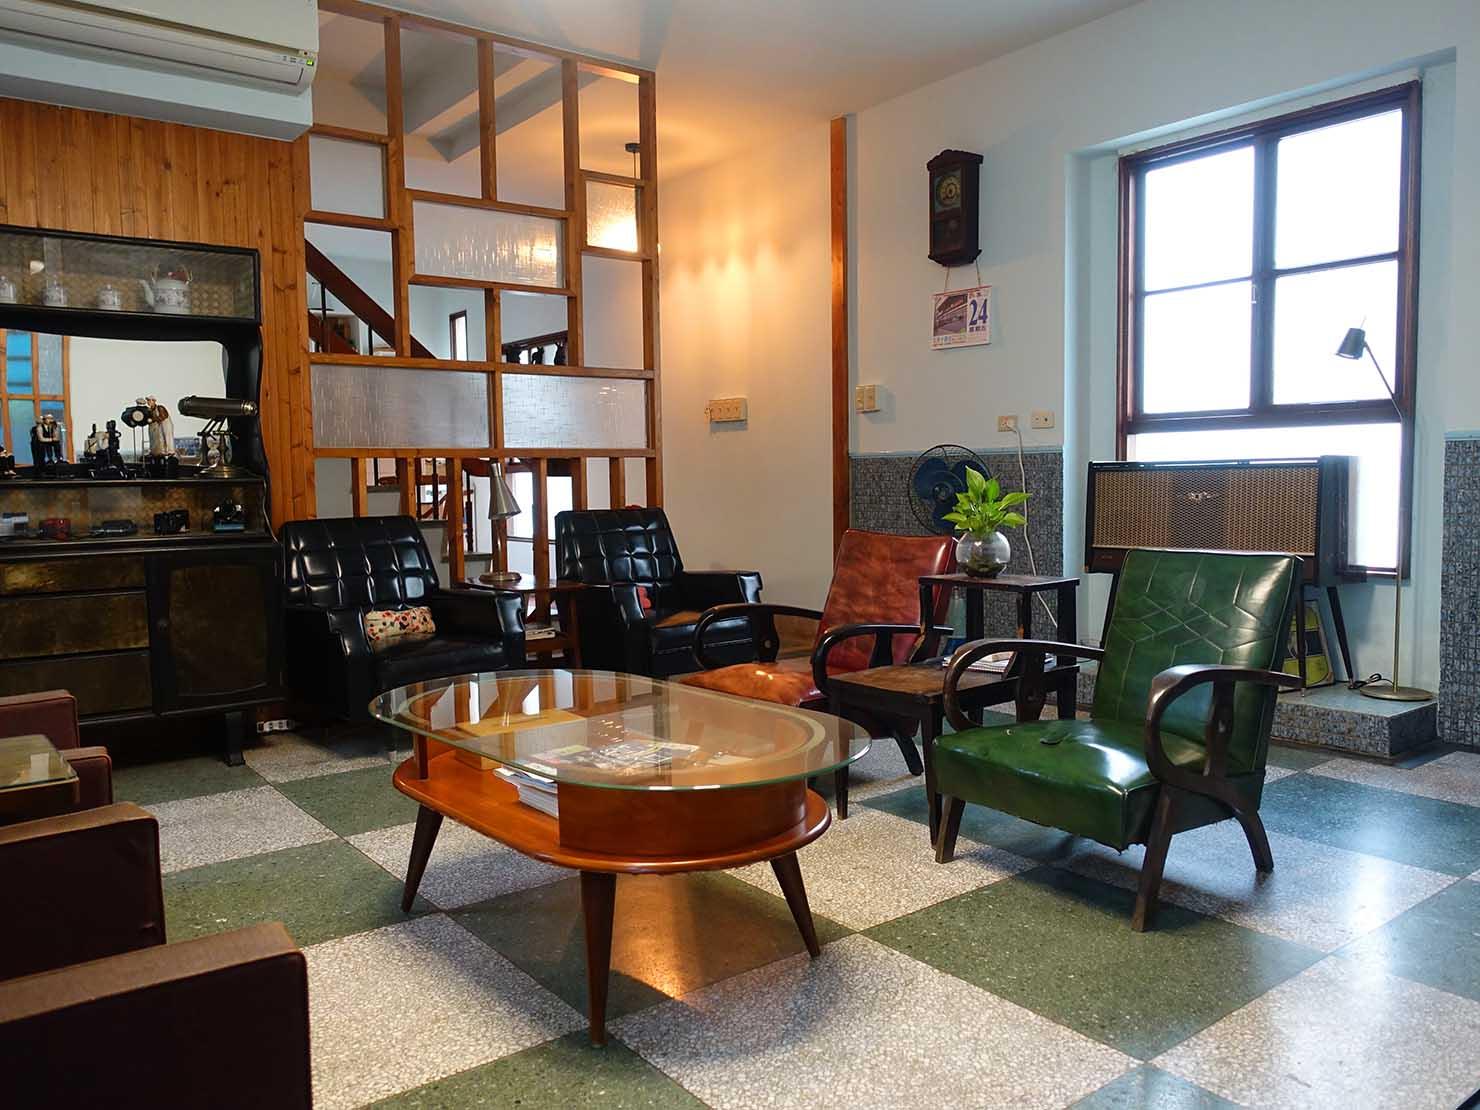 台南観光におすすめな古民家ゲストハウス「散步strolling」のリビング2